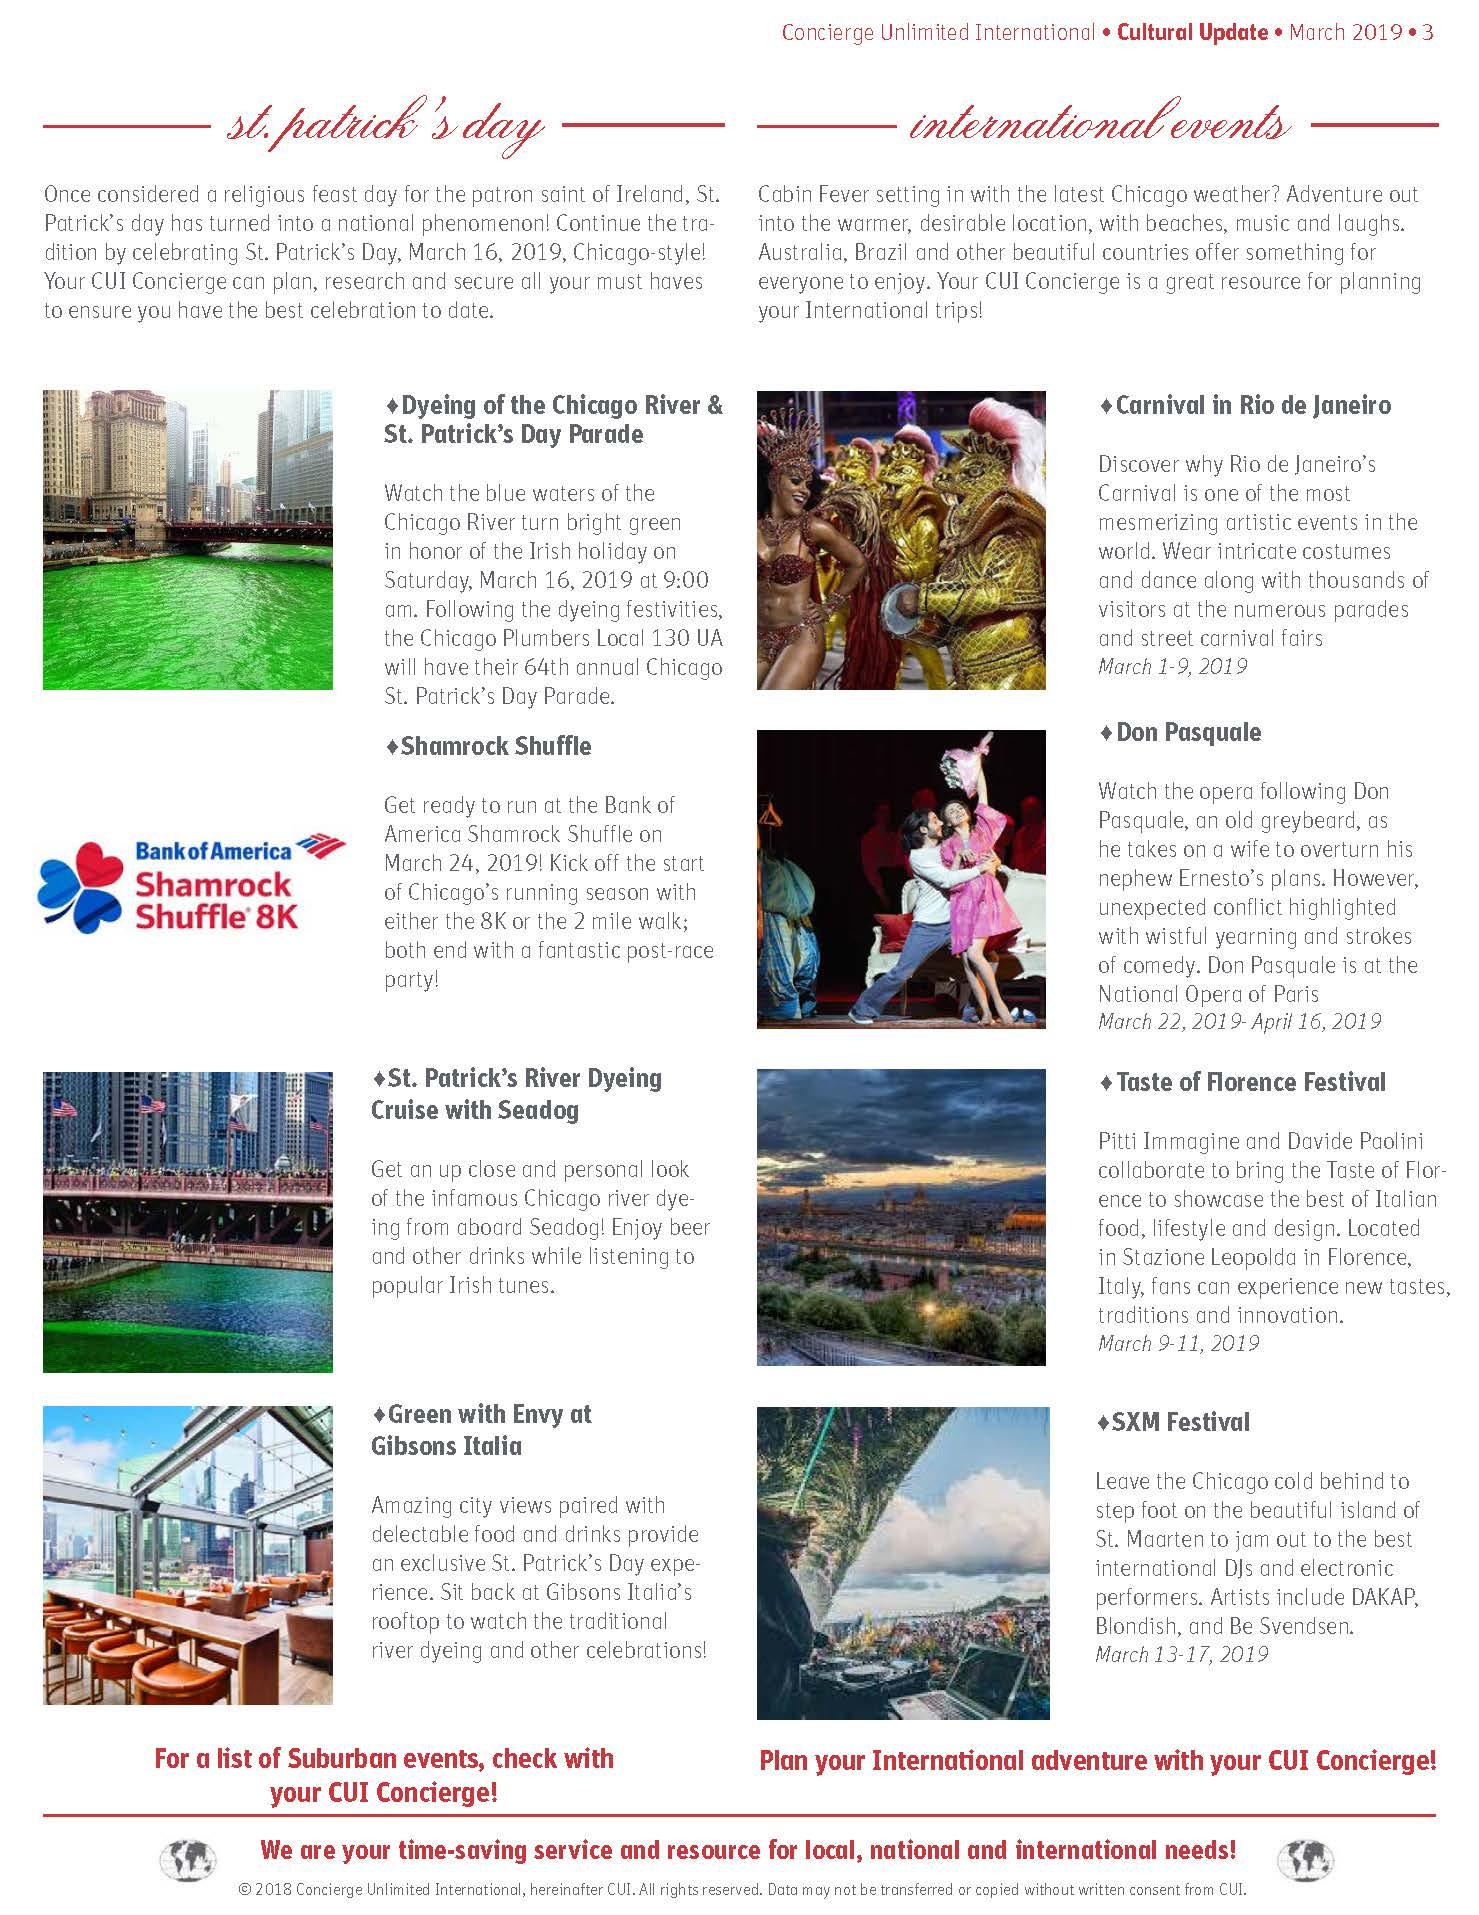 NWOC_March2019_CulturalUpdate_Page_3.jpg